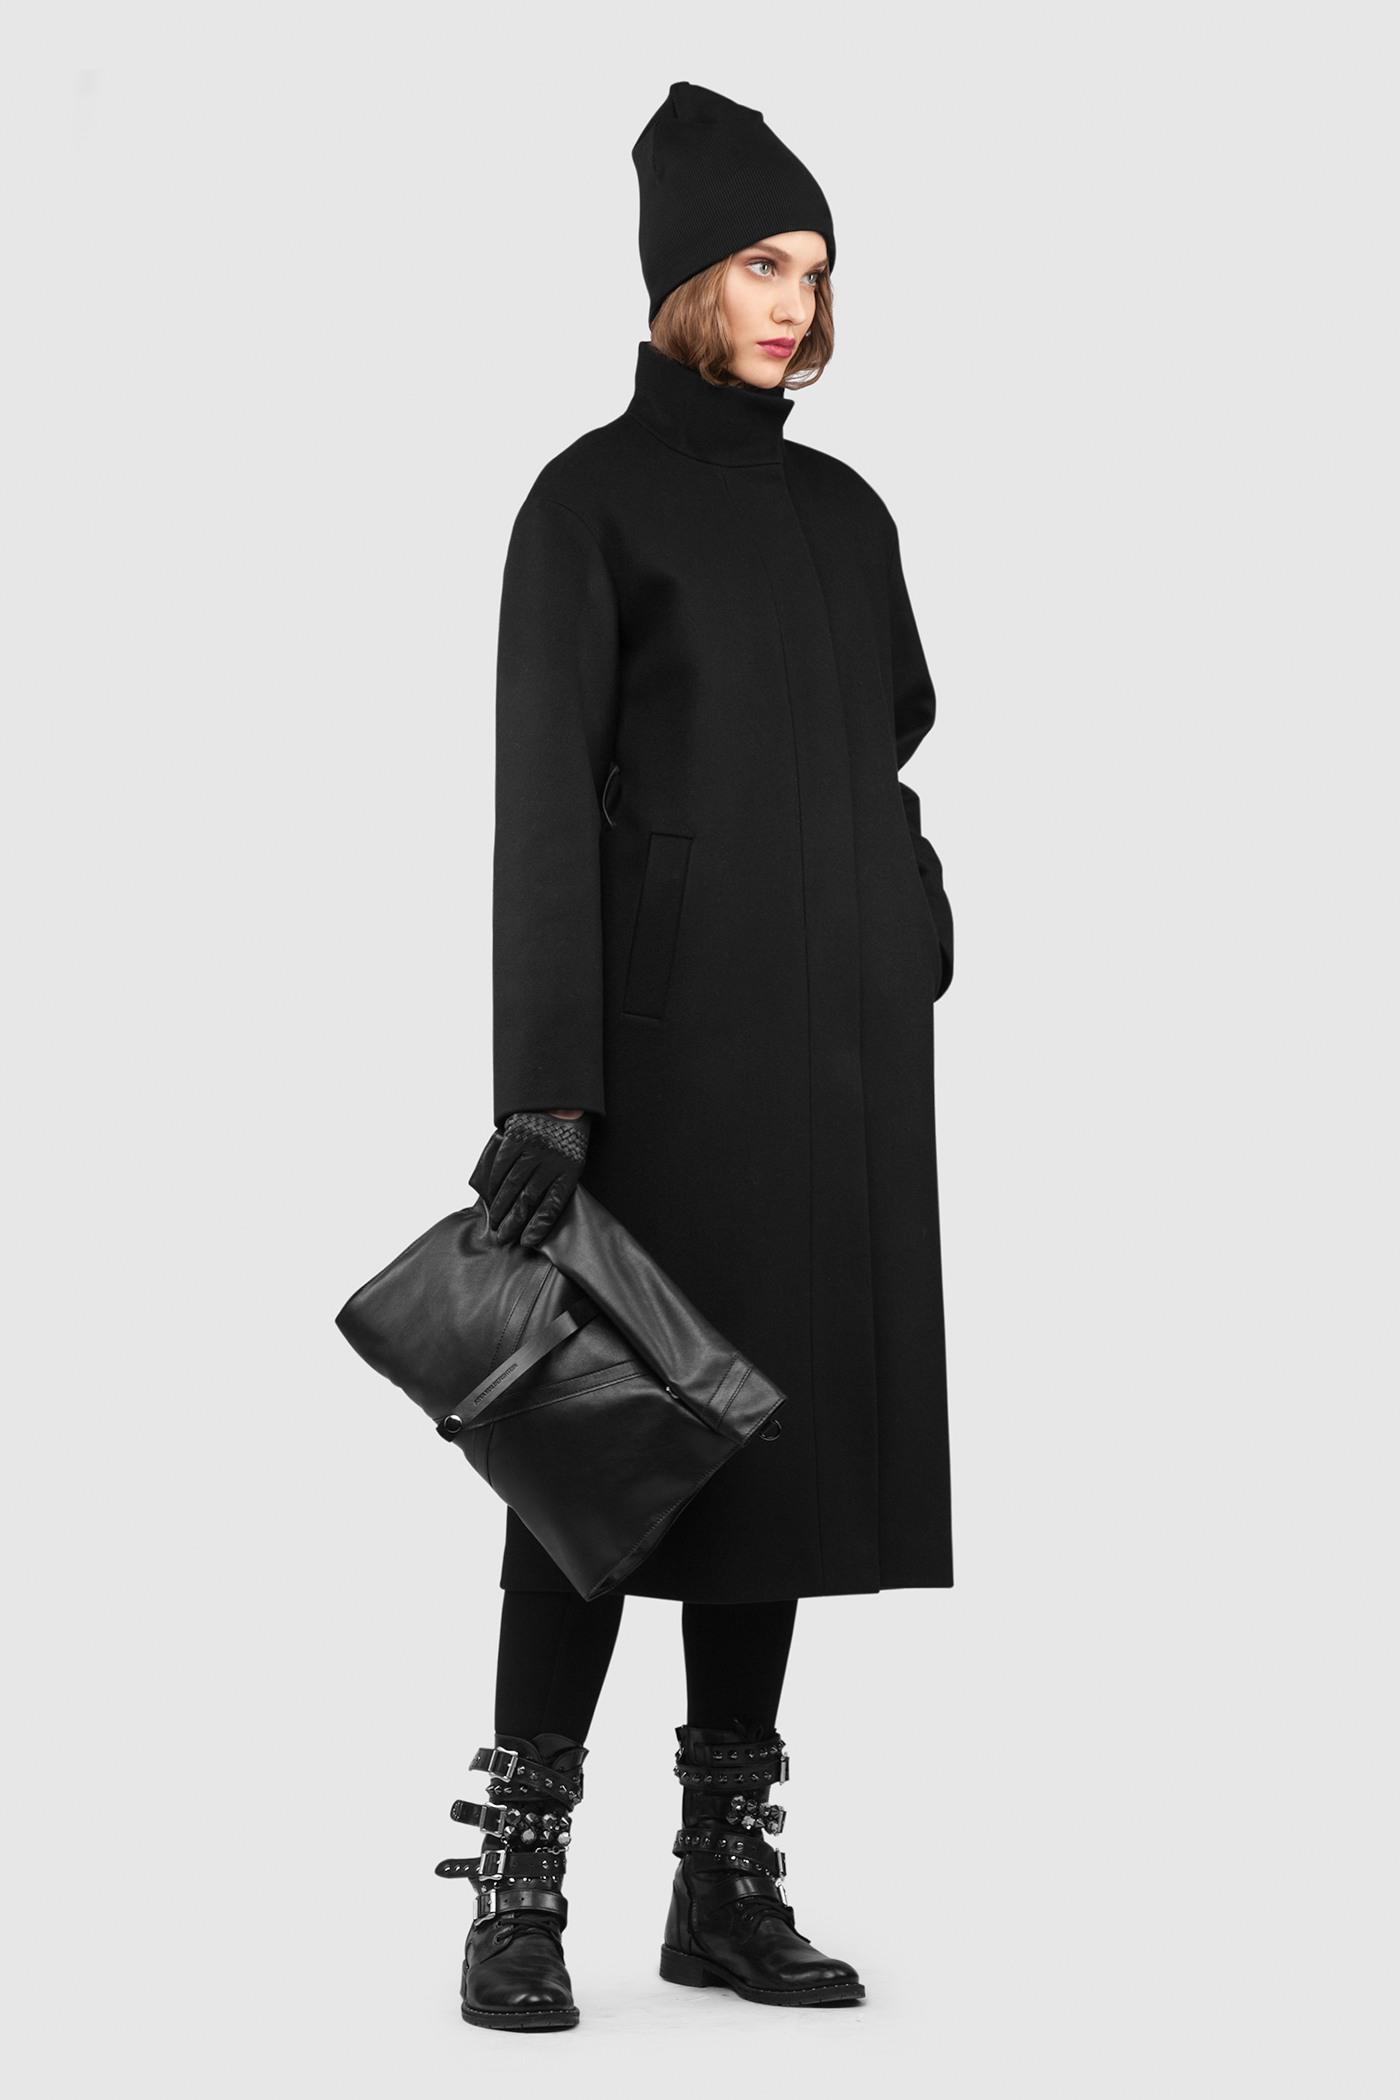 Пальто - ДУБЛИН (10.0)Пальто<br>Эффектное длинное пальто с воротником стойкой&#13;<br>&#13;<br>Пальто DUBLIN (Дублин) прямого, неприталенного силуэта с воротником стойкой. Застежка на пришивные кнопки. Карманы с широкой листочкой несколько смещены к боковому шву. Линия плеча расширена и опущена. Конструкция без подплечников. Модель подходит для всех типов фигур - А, Т, О-образных.&#13;<br>&#13;<br>&#13;<br>рекомендуемая сезонность: осень, весна, теплая зима&#13;<br>&#13;<br>?пояс в комплекте&#13;<br>&#13;<br>кнопки-магниты вместо пуговиц&#13;<br>&#13;<br>длина по спинке размера S при росте 164-170 см: 111 см&#13;<br>&#13;<br>модель имеет 4 ростовки: 158-164 см, 164-170 см, 170-176 см, 176-182 см. Размер и другие нюансы уточняются при заказе, мы с вами связываемся по указанному вами номеру телефона&#13;<br>&#13;<br>&#13;<br>Если у вас остались вопросы, пишите нам на электронную почту ASYAMALBERSHTEIN@GMAIL.COM или звоните по номеру +7 (812) 649-17-99, мы постараемся ответить на ваши вопросы и помочь определиться вам с выбором или размерной сеткой наших изделий.<br><br>Цвет: Черный, Черничный<br>Размер: XXS, XS, M, L, S, XL<br>Ростовка: 152 - 158, 158 -164, 164 -170, 170 -176, 176 -182